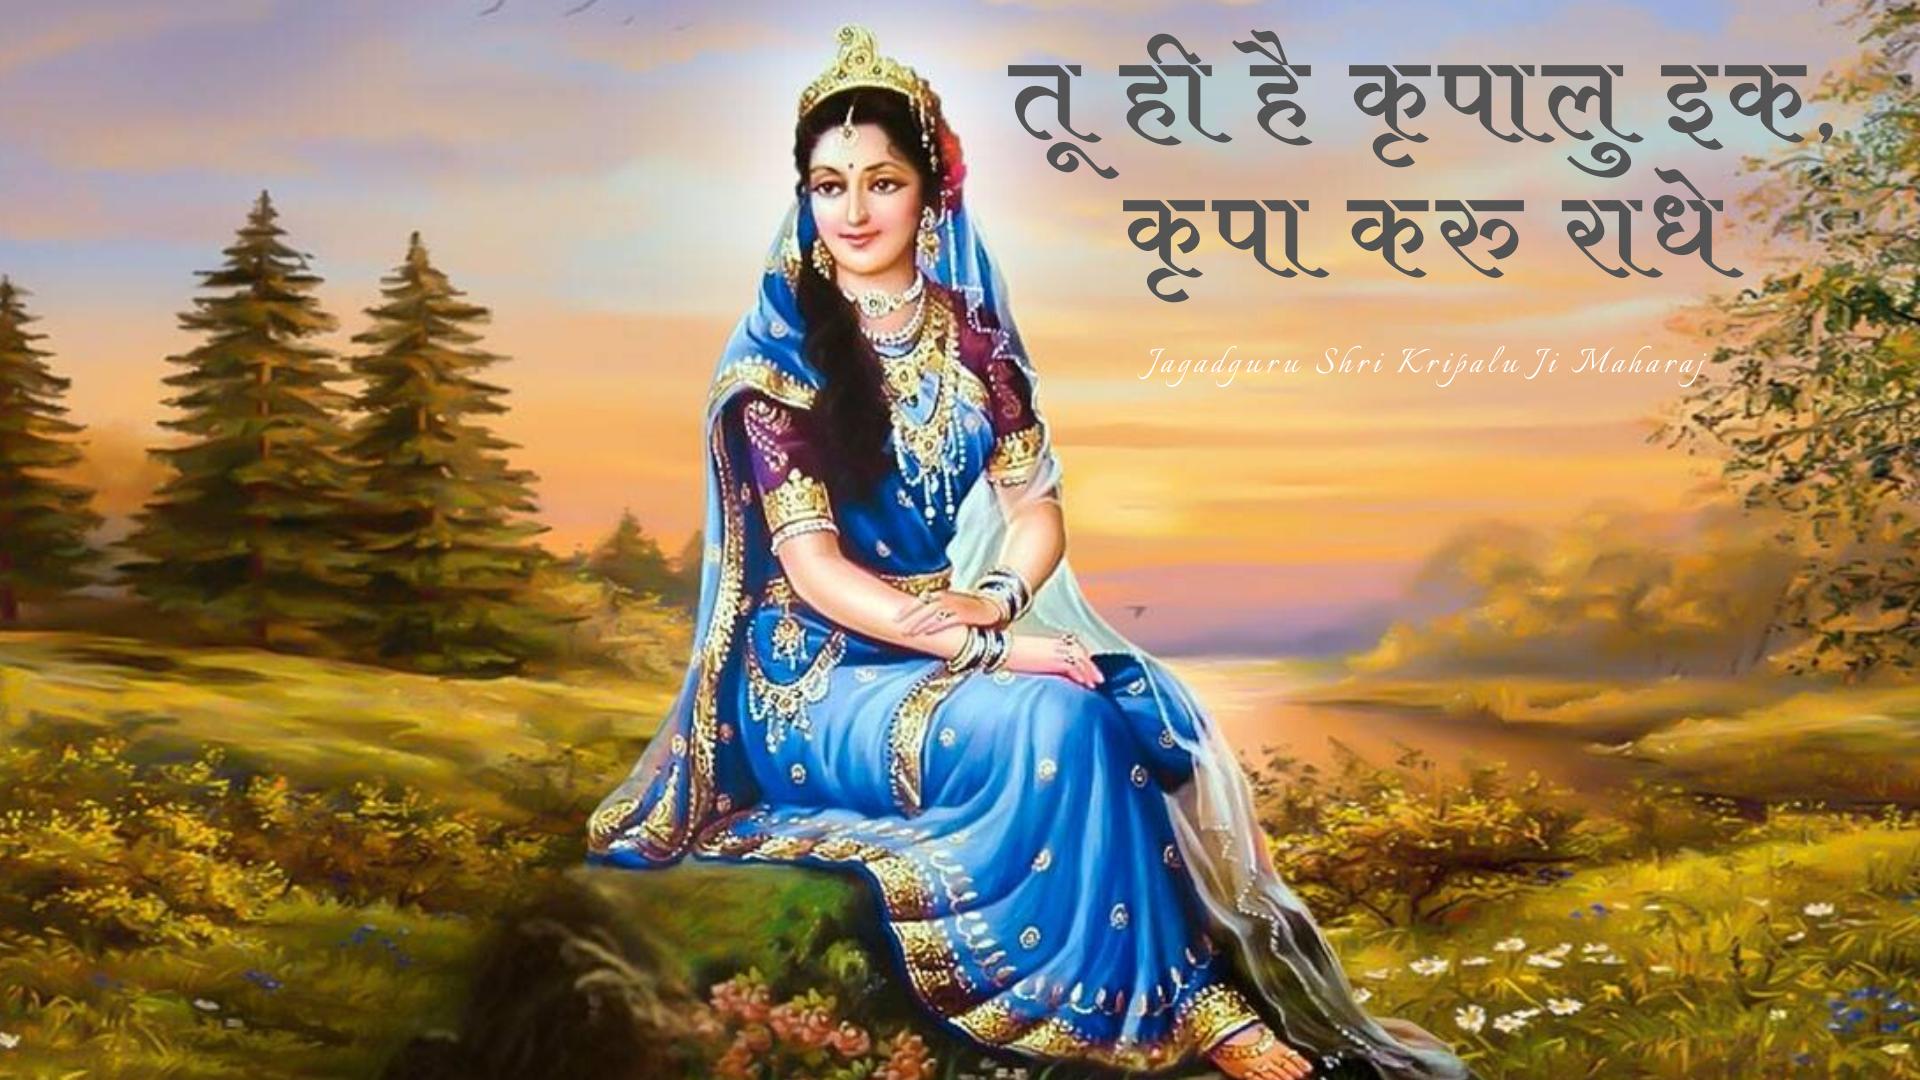 Tu Hi Hai Kripalu Eik Kripa Karu Radhe